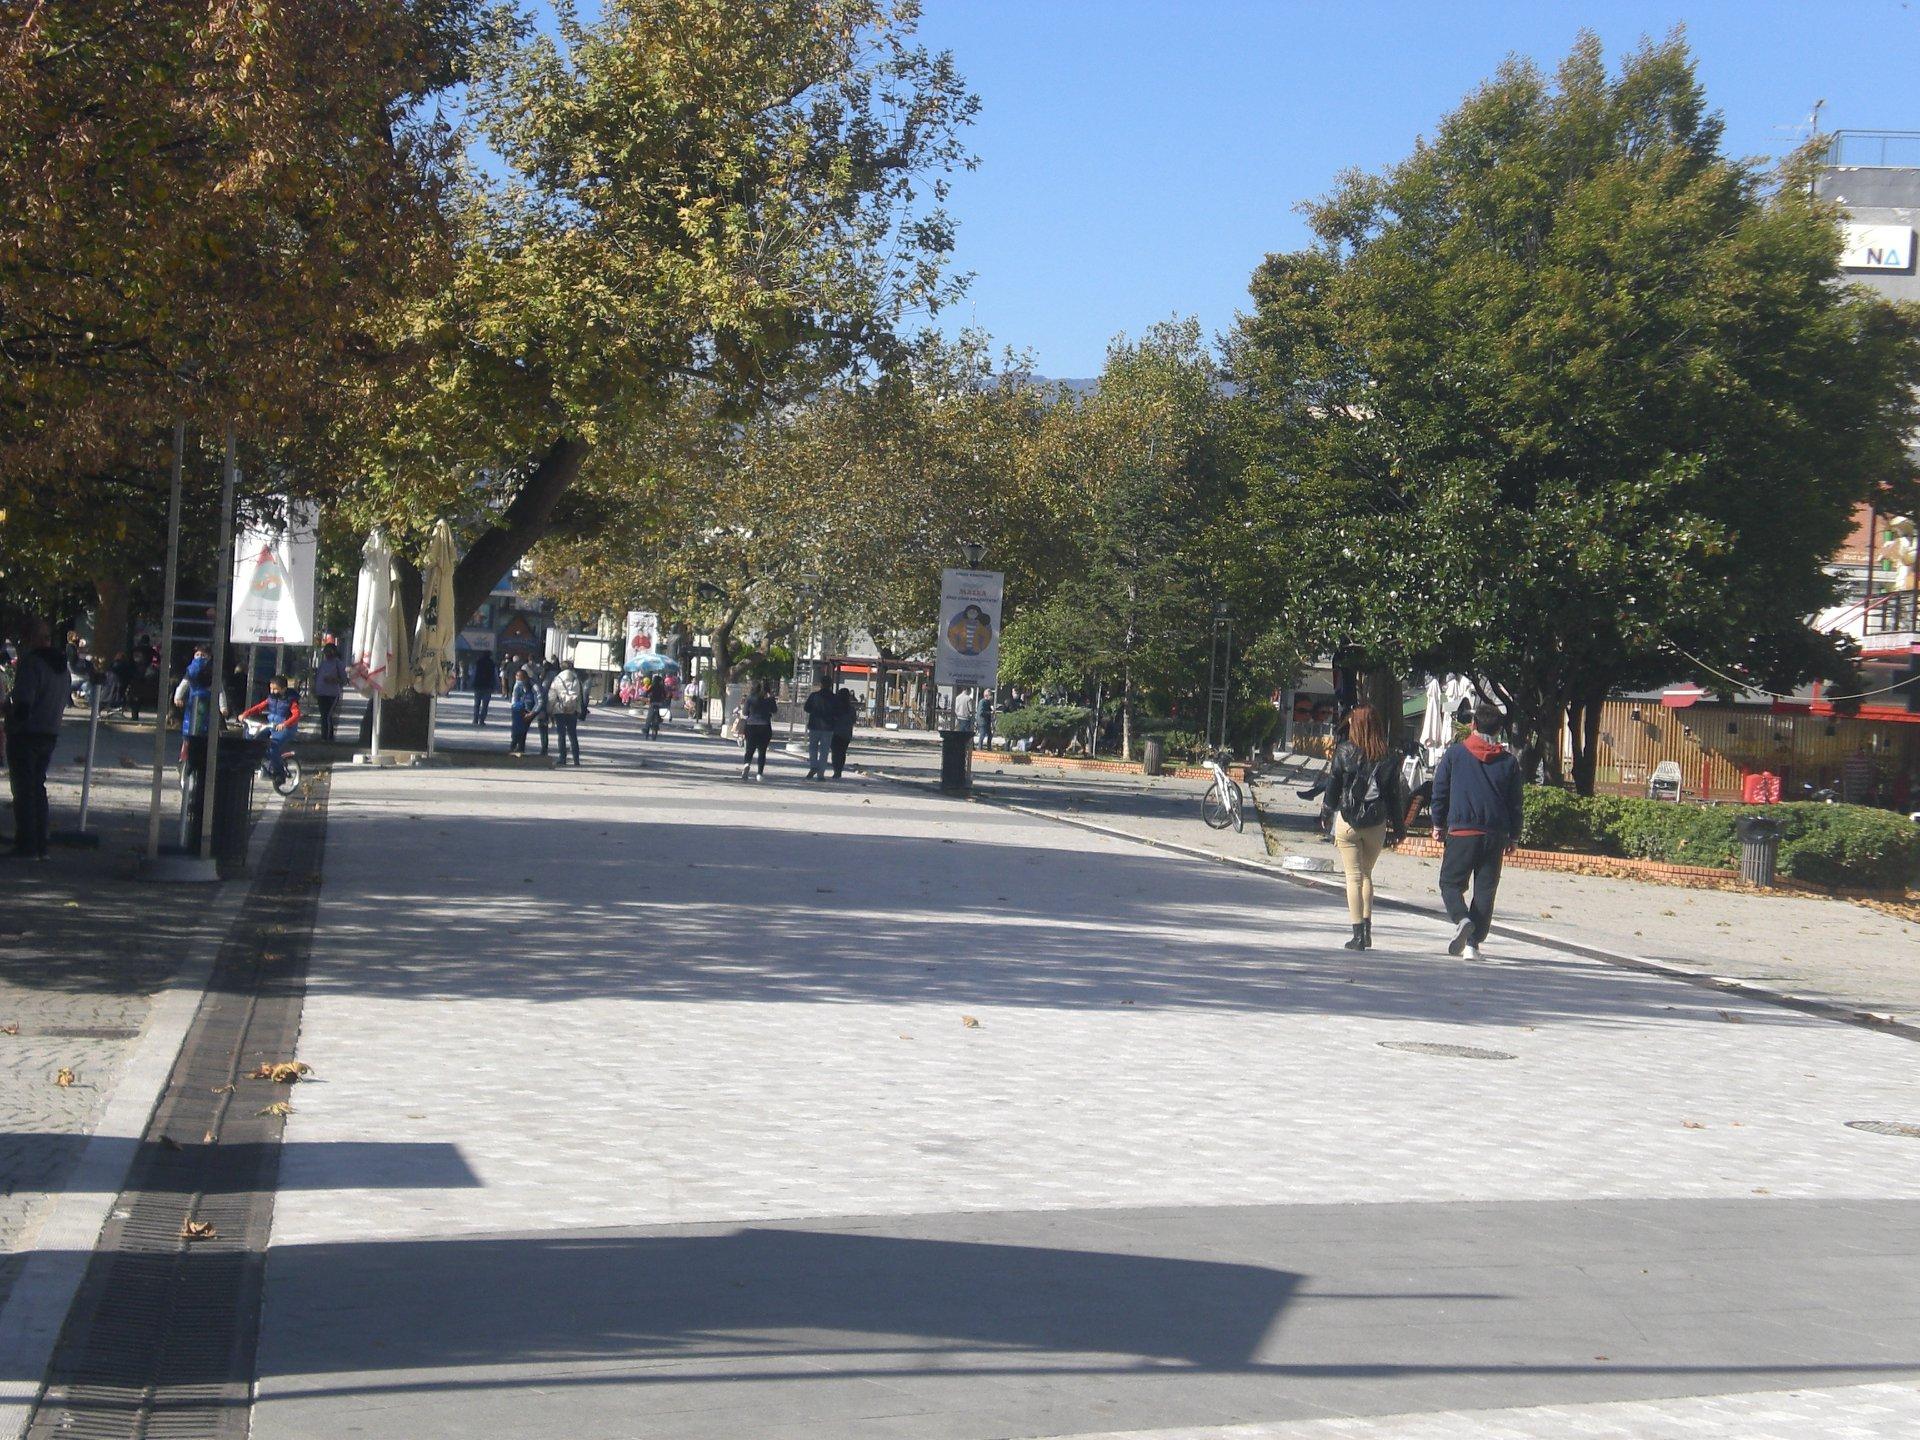 Ολοκληρωμένο σχέδιο παρεμβάσεων για πλατεία, Άλσος Αγίας Παρασκευής και δημόσιους χώρους αναψυχής στις γειτονιές ζητάει ο Αντώνης Γραβάνης